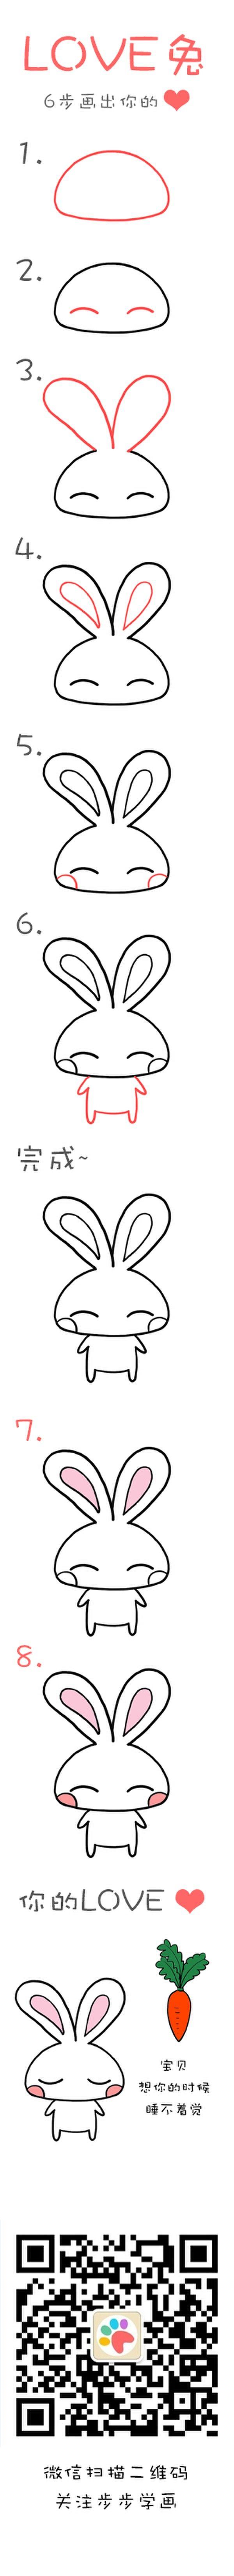 """Tuto dessin : """"Lapin kawaÏ"""""""